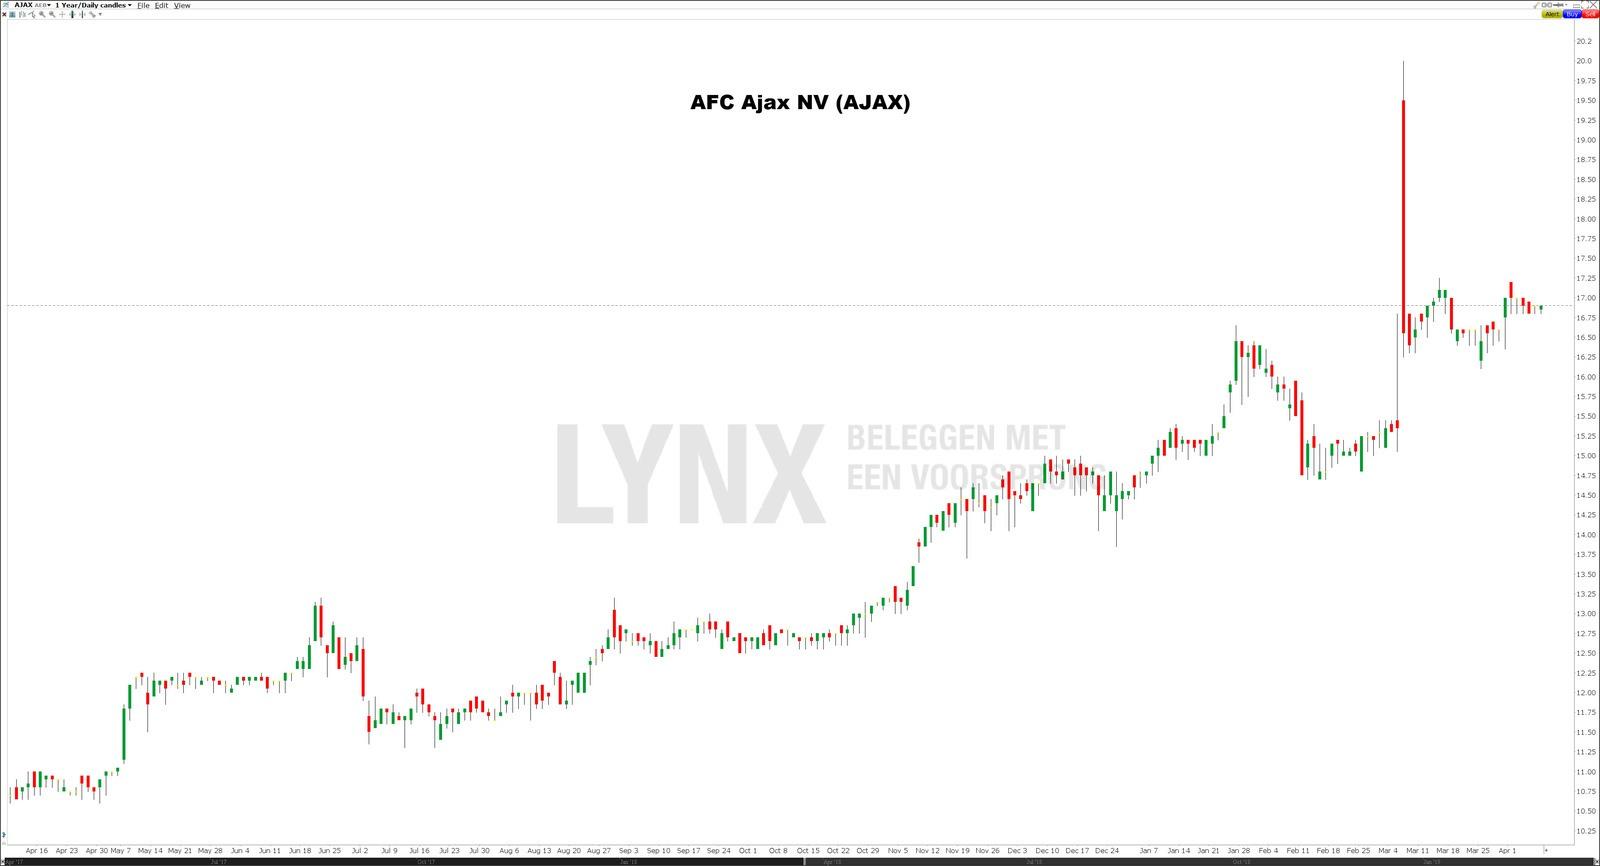 Koers grafiek aandeel Ajax